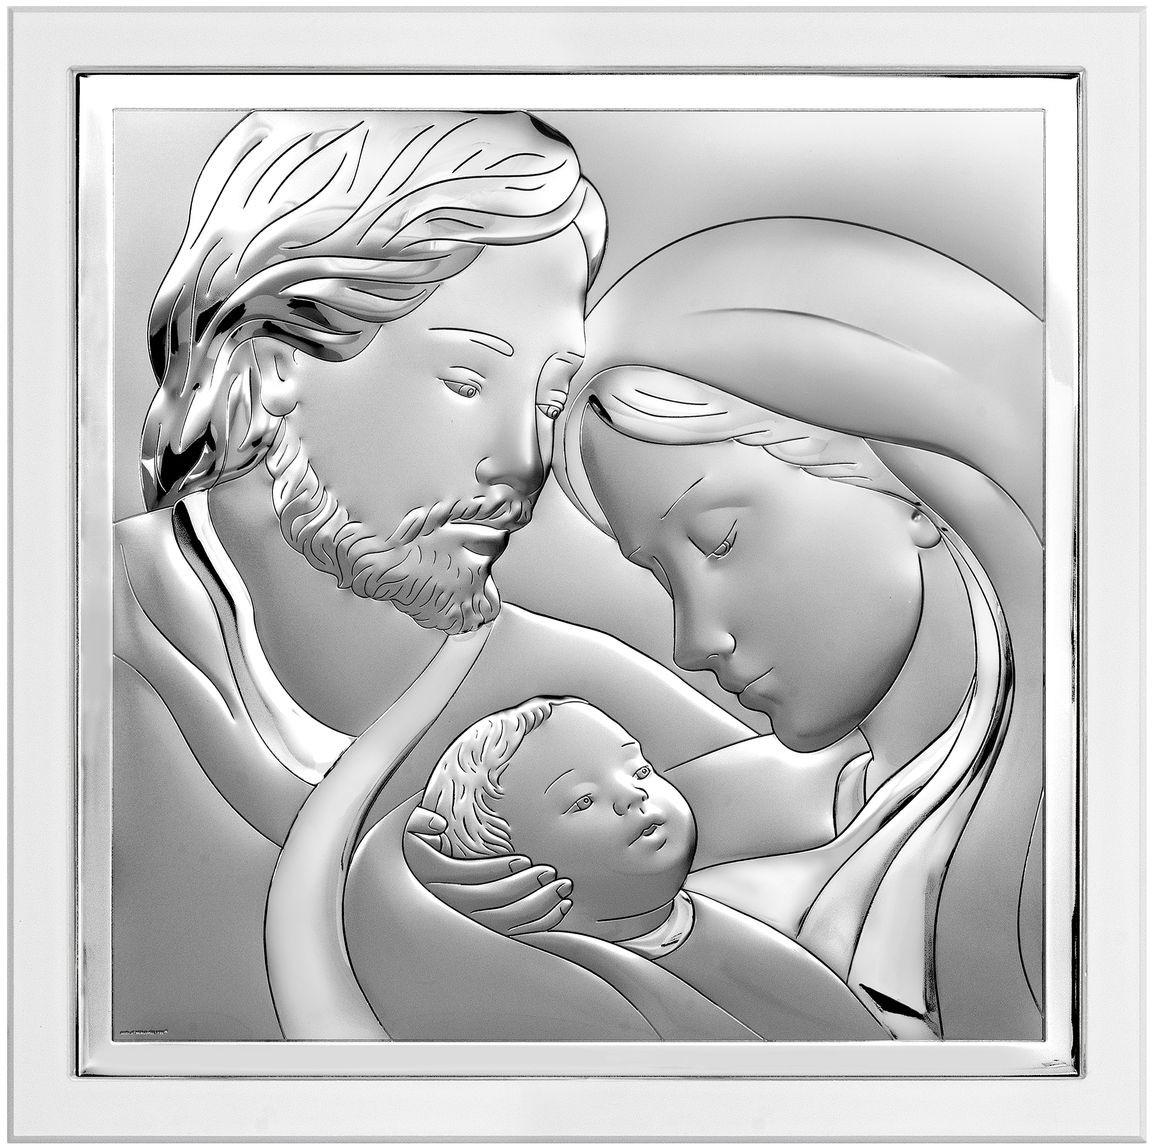 Beltrami Obrazek Święta Rodzina na białym drewnie   Rozmiar: 14x14 cm   SKU: BC6651/2XW